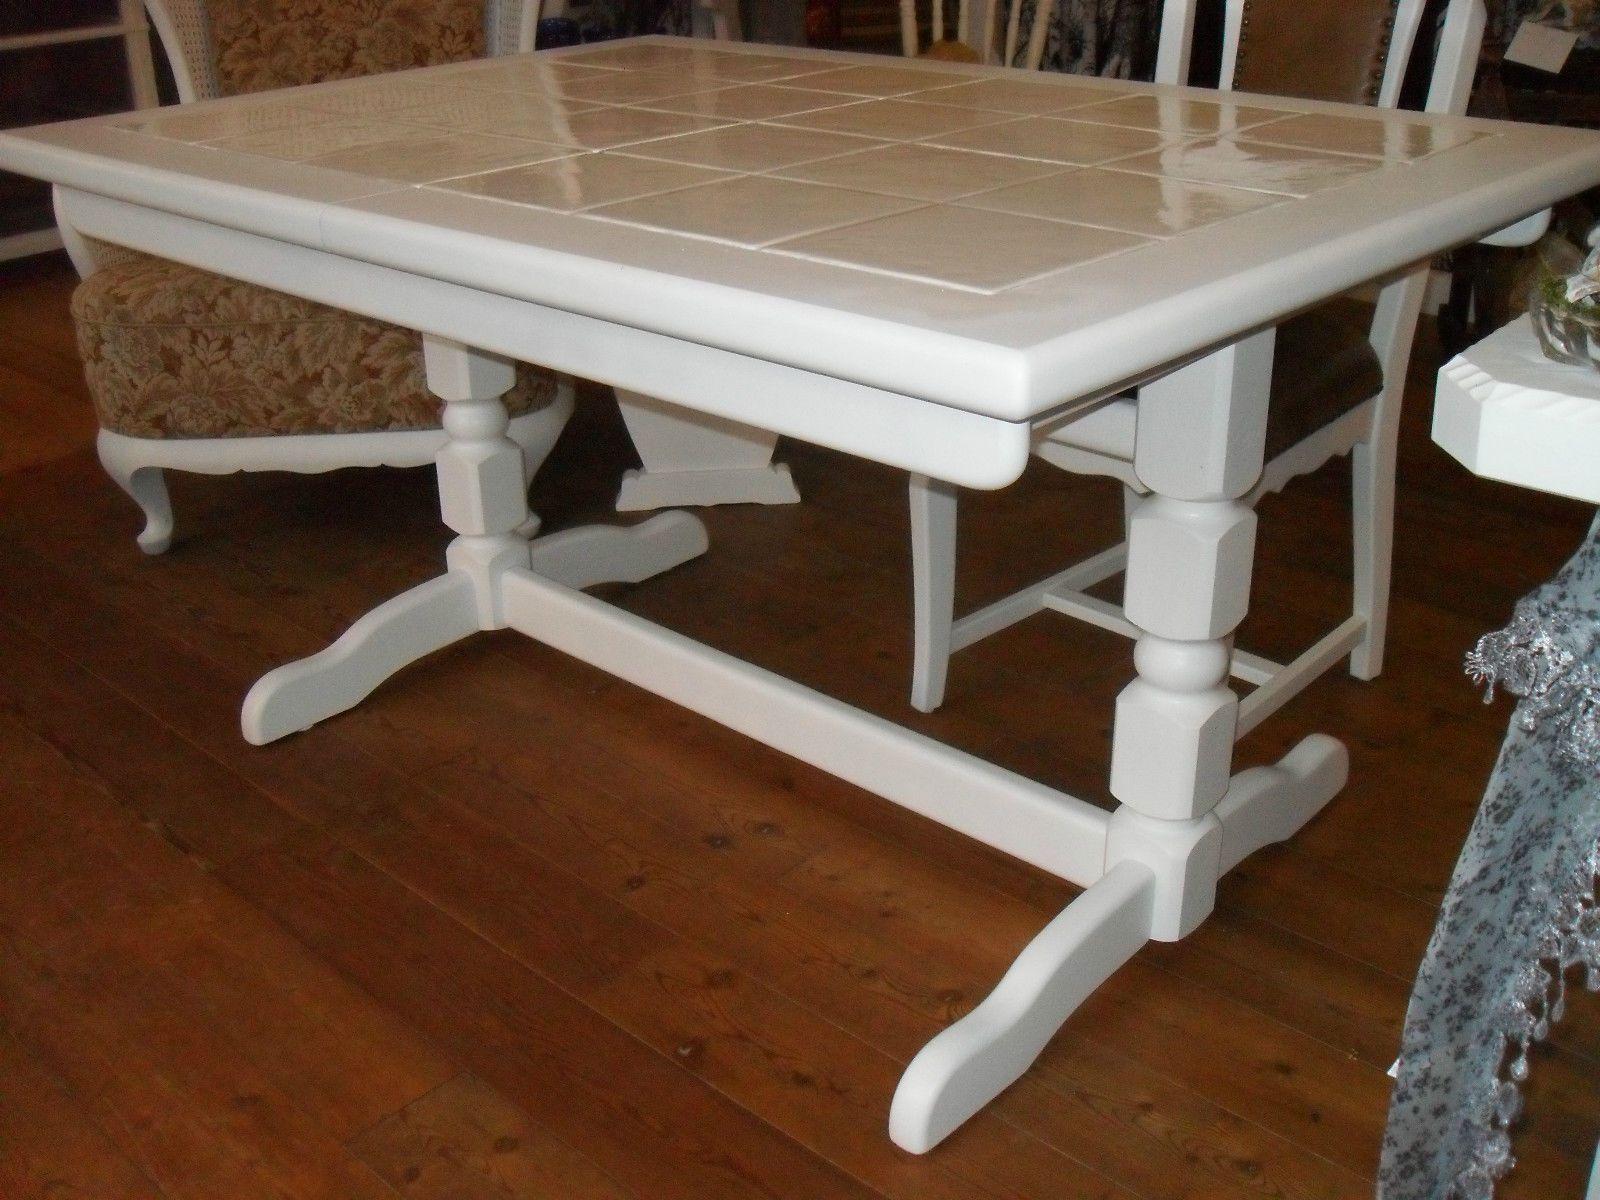 Tisch esstisch fliesen massiv wei grau shabby ebay for Esstisch fliesen